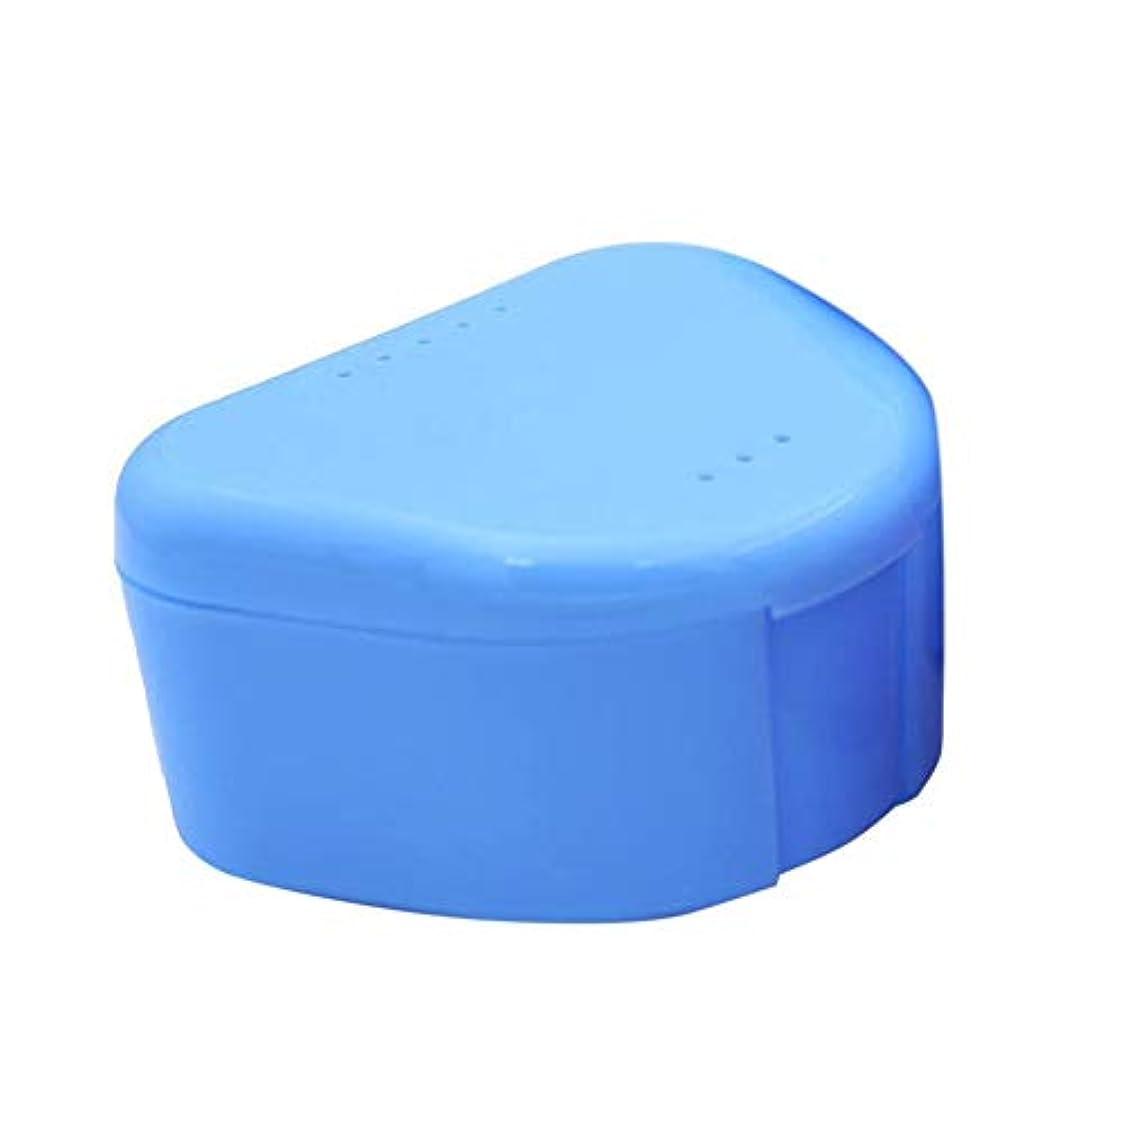 モンク故国控えめなデンタルリテーナーケースデンタルブレース偽歯収納ケースボックスマウスピースオーガナイザーオーラルヘルスケアデンタルトレイボックス(Color:random)